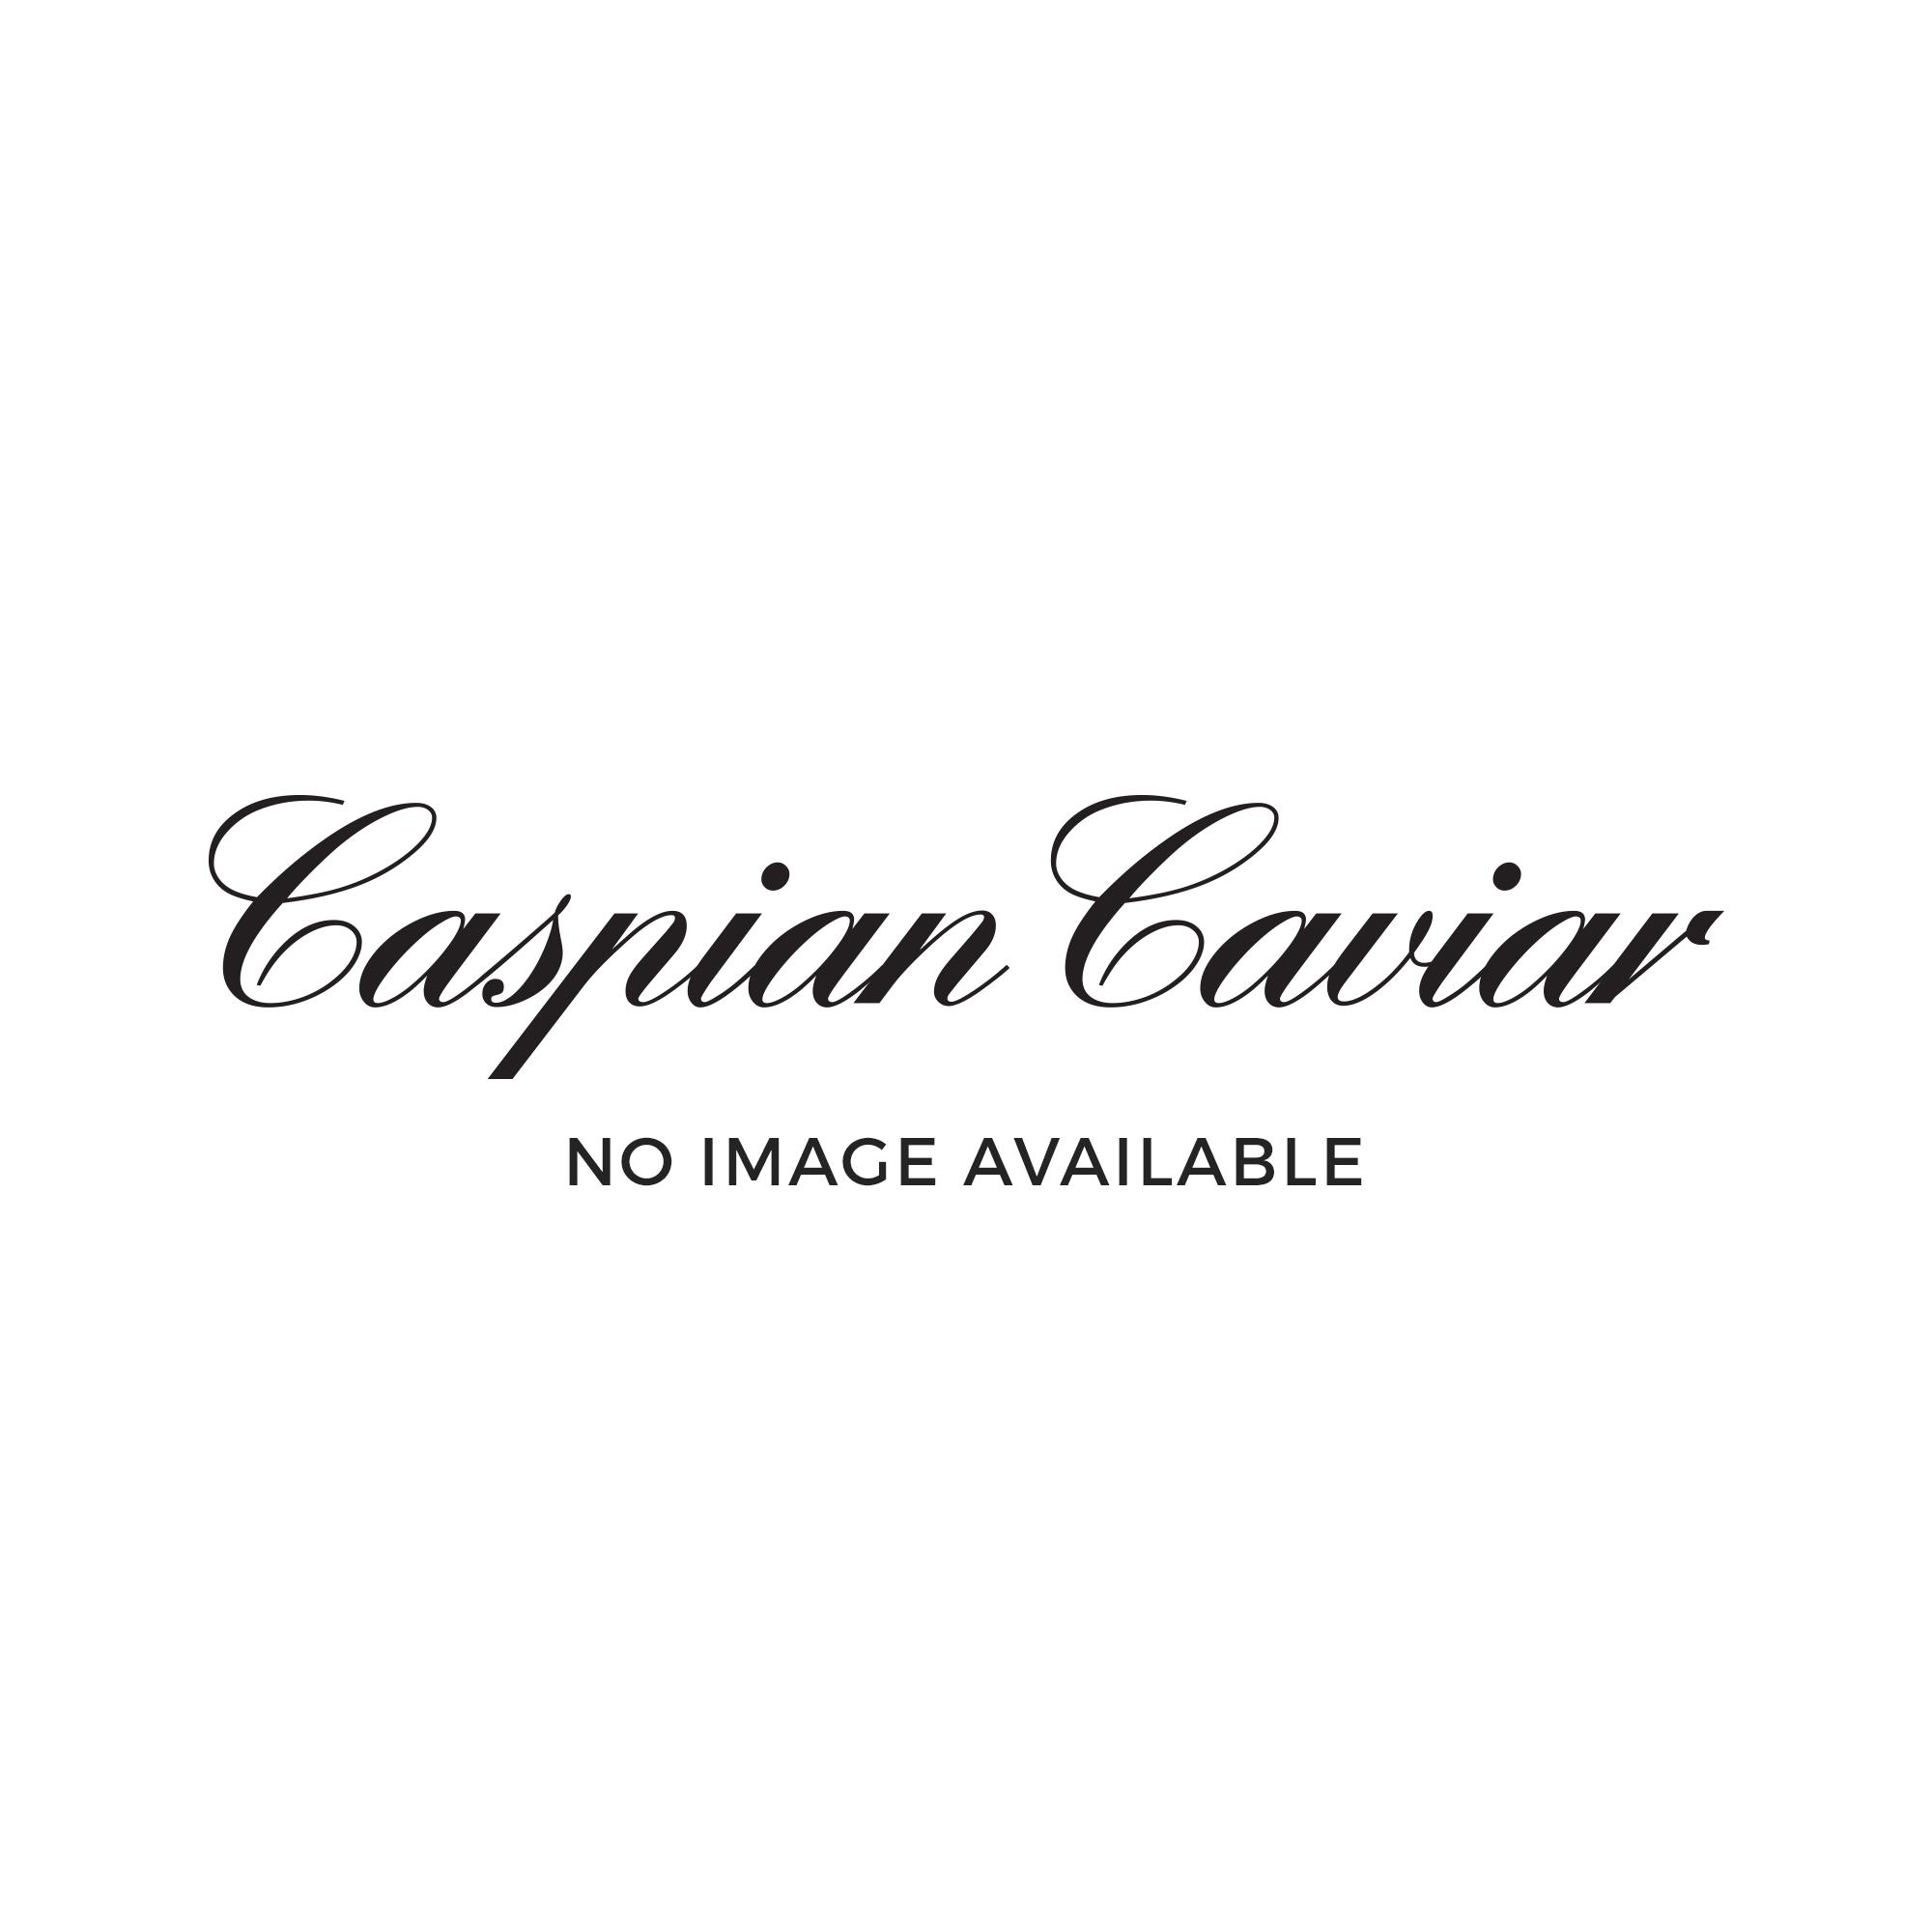 Caspian Caviar Arctic Char Caviar